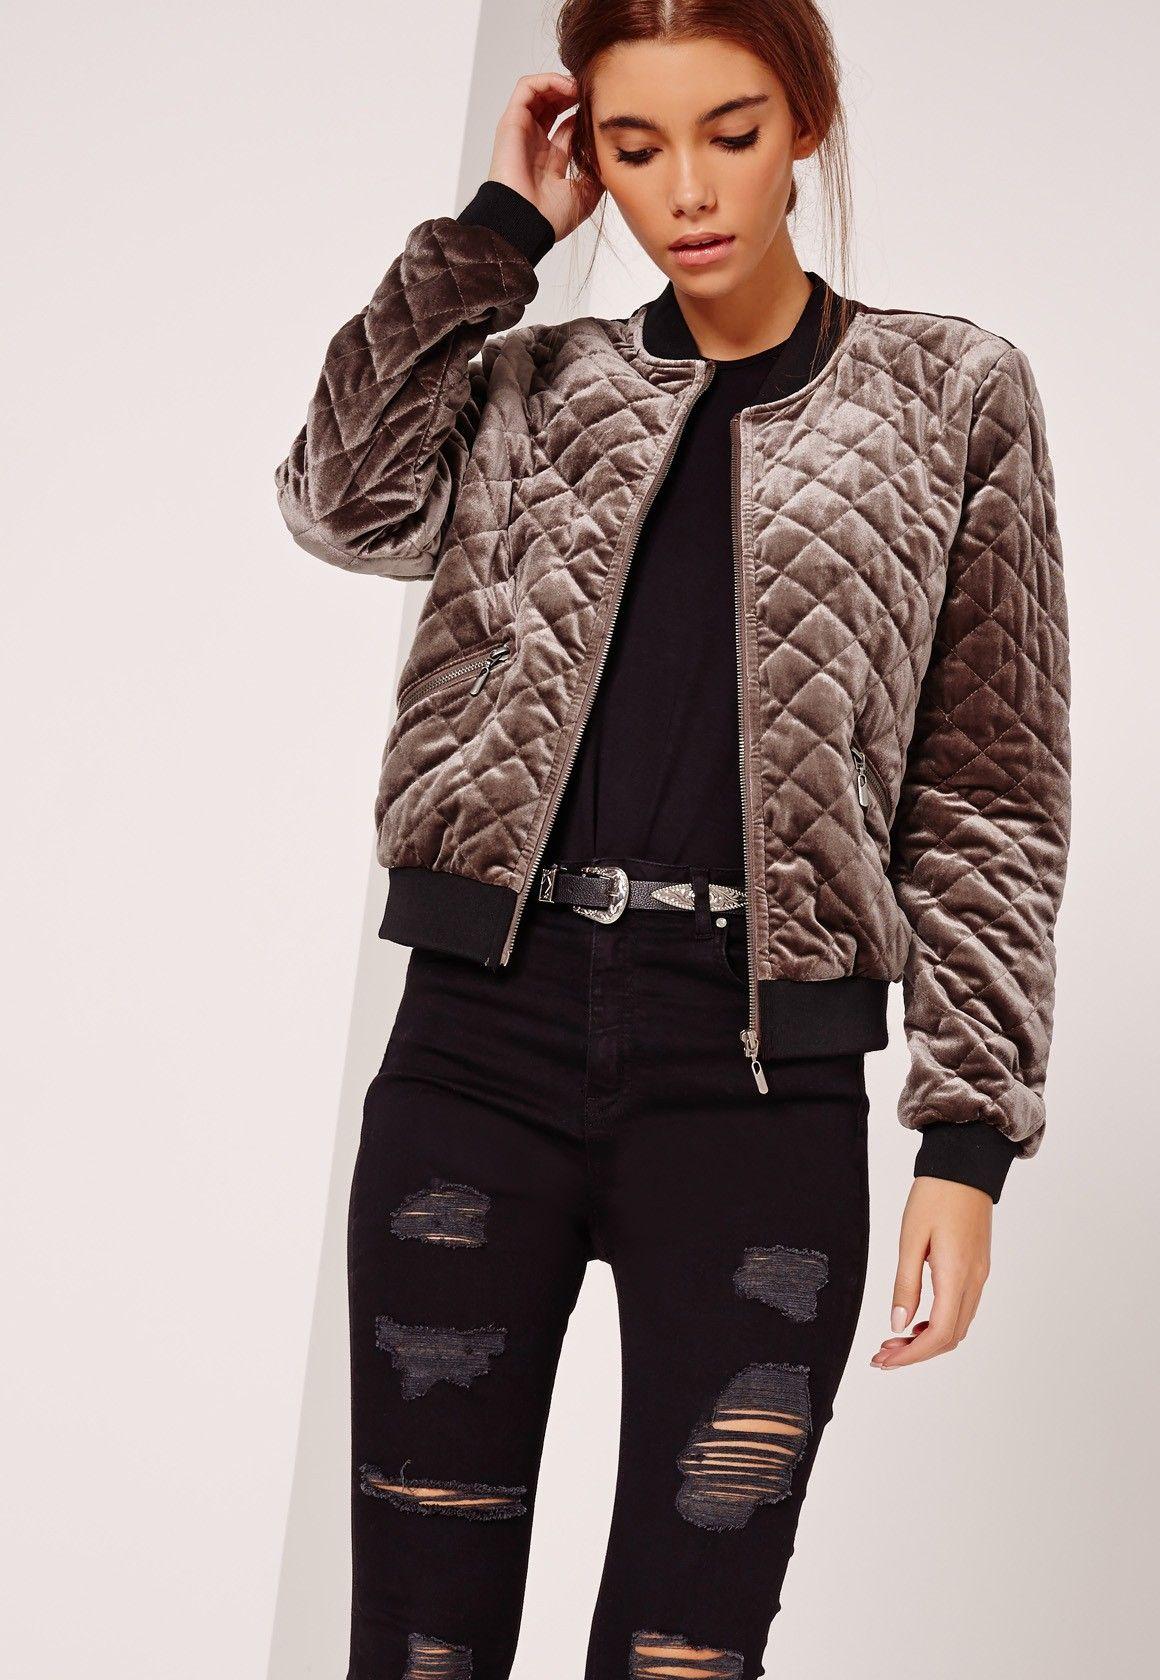 Missguided Quilted Bomber Jacket Brown   Kläder, Sy kläder